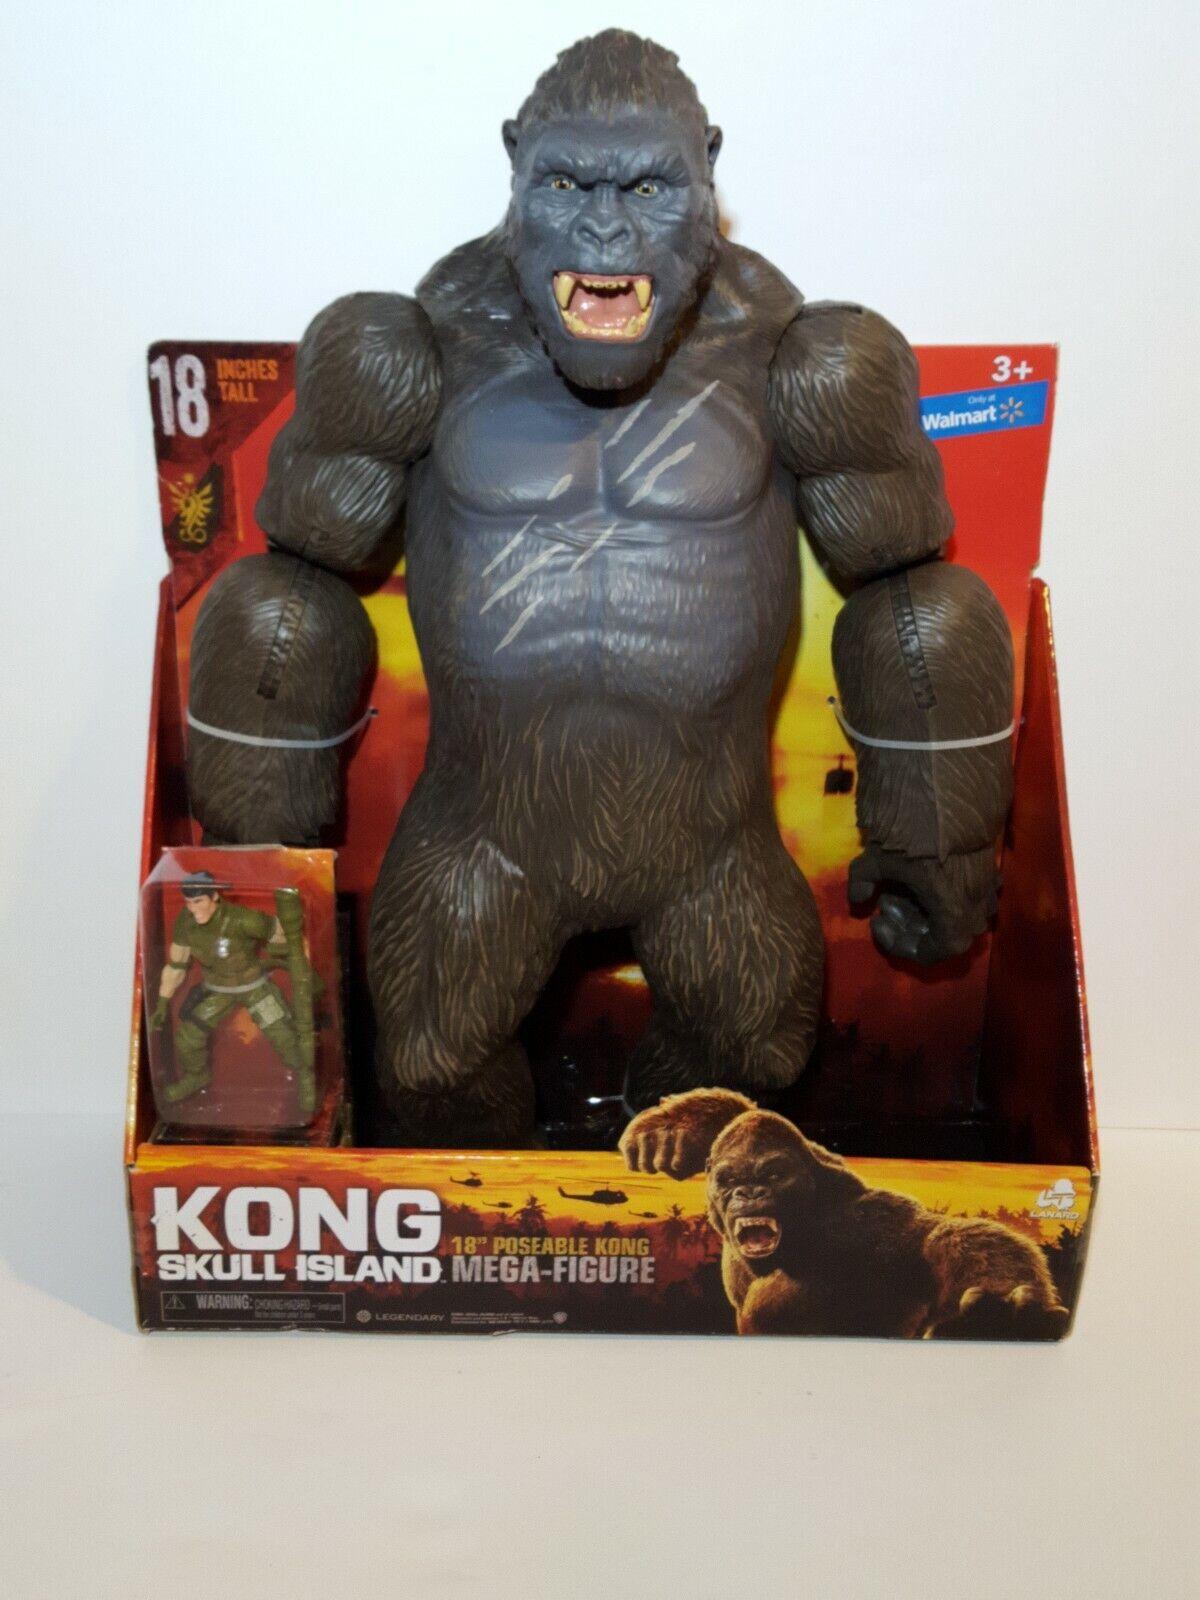 King Kong Skull Island 18  desechables figura de mega & Figura De Acción